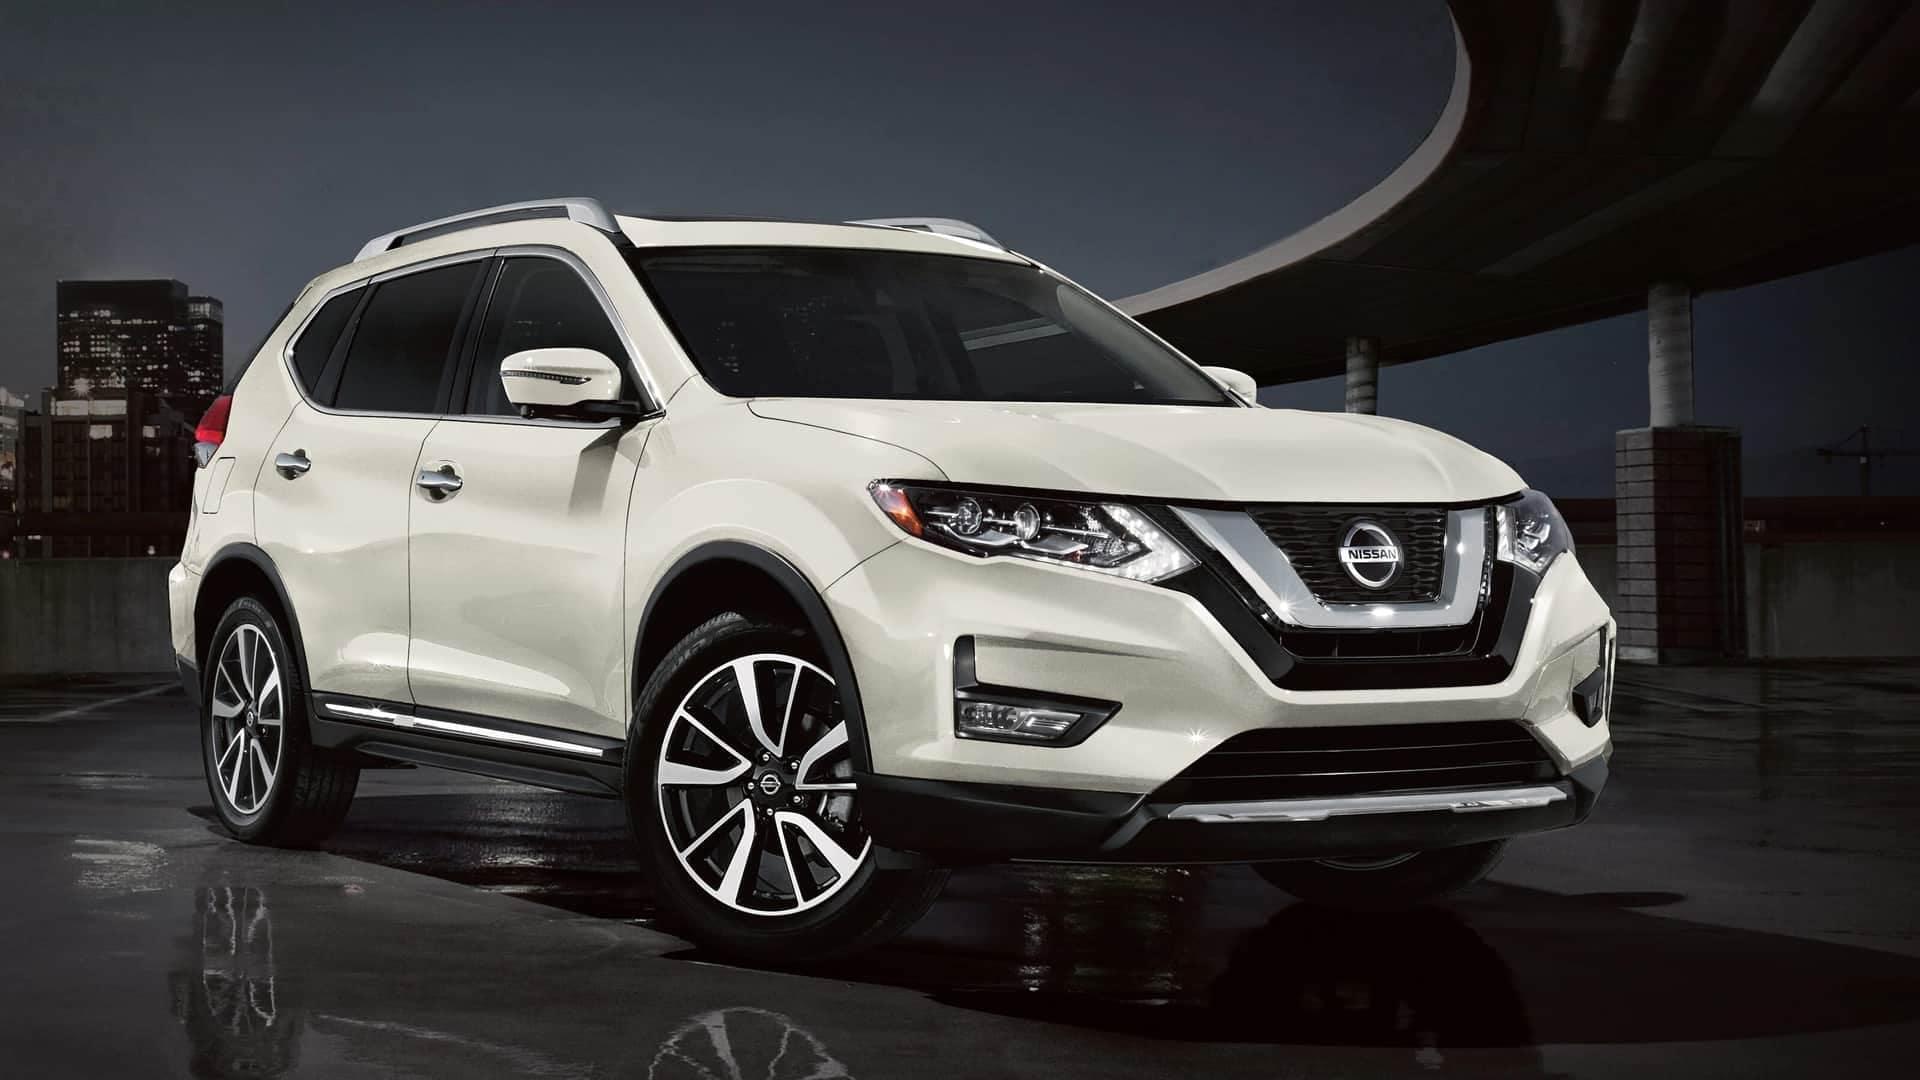 2020 Nissan Rogue Specials in San Antonio TX